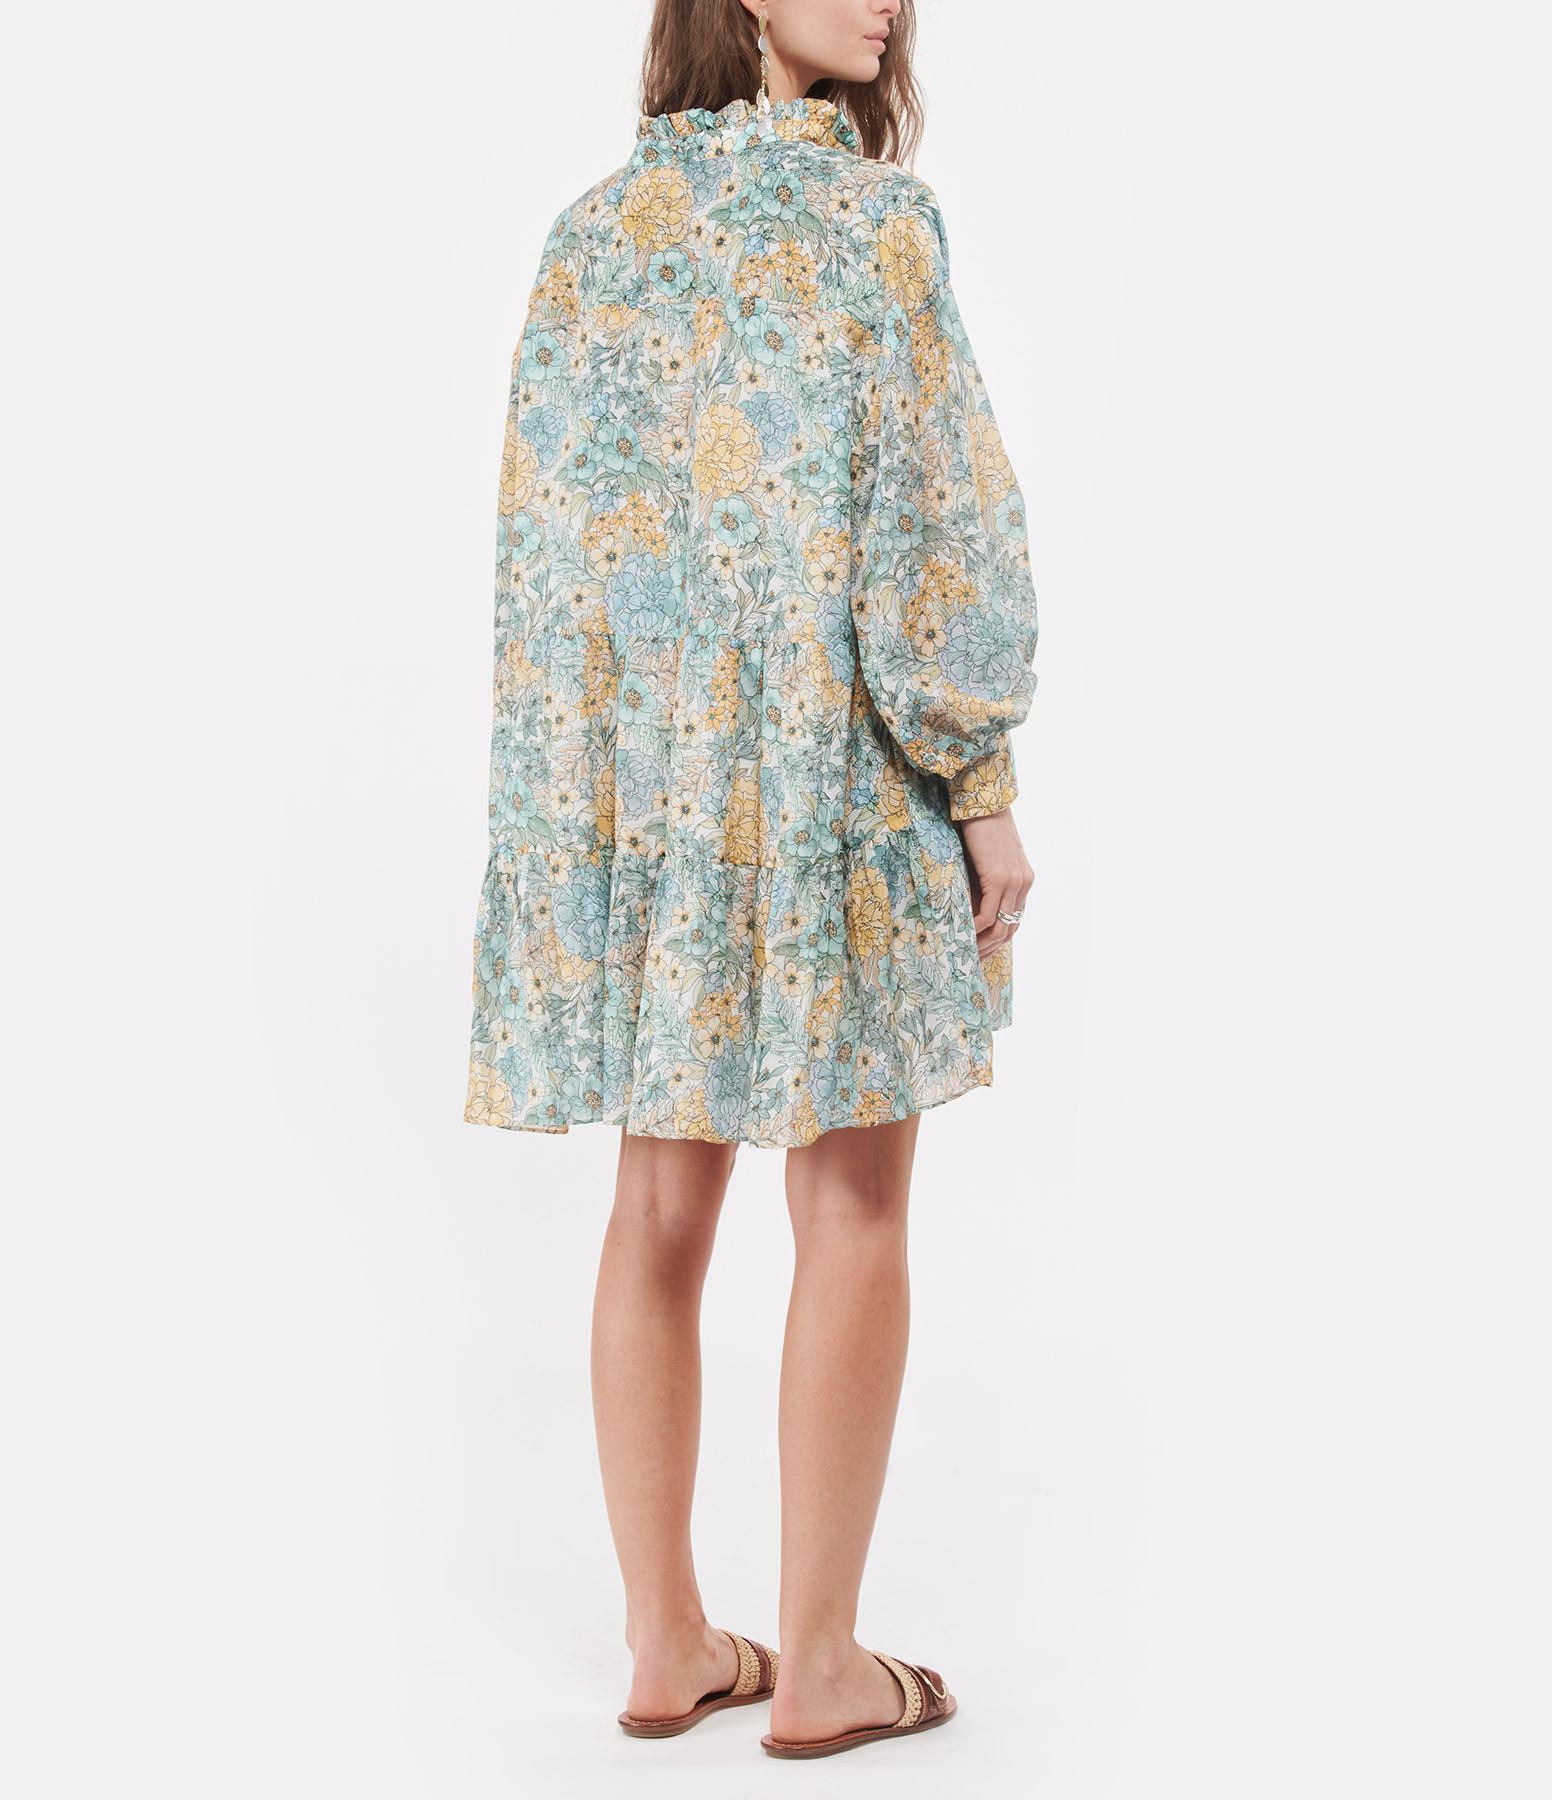 MAGALI PASCAL - Robe Glory Soie Coton Eden Imprimé